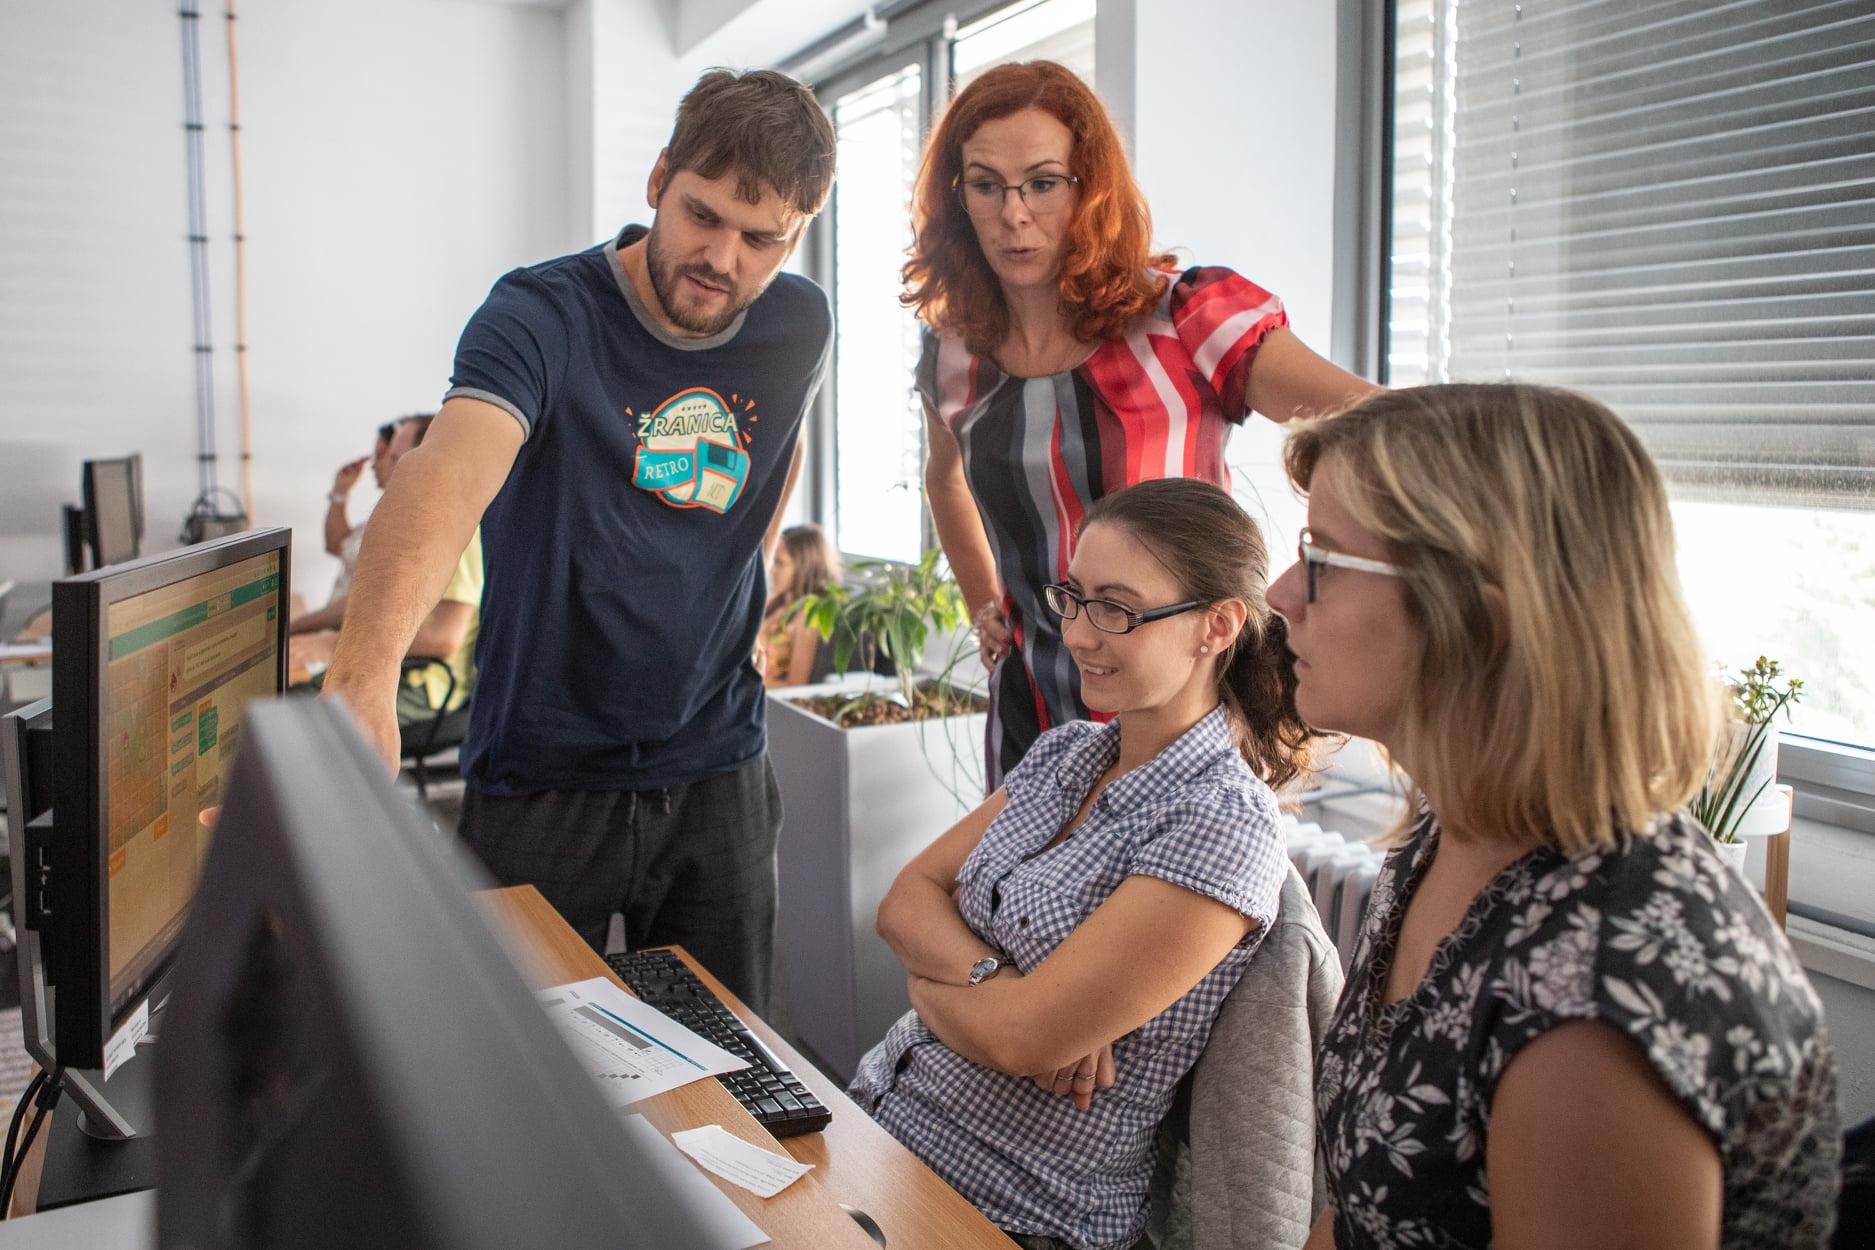 Učiť sa digitálnym zručnostiam na informatike nestačí, IT firmy preto ponúkajú vzdelávací kurz pre digitálnych koordinátorov na školách